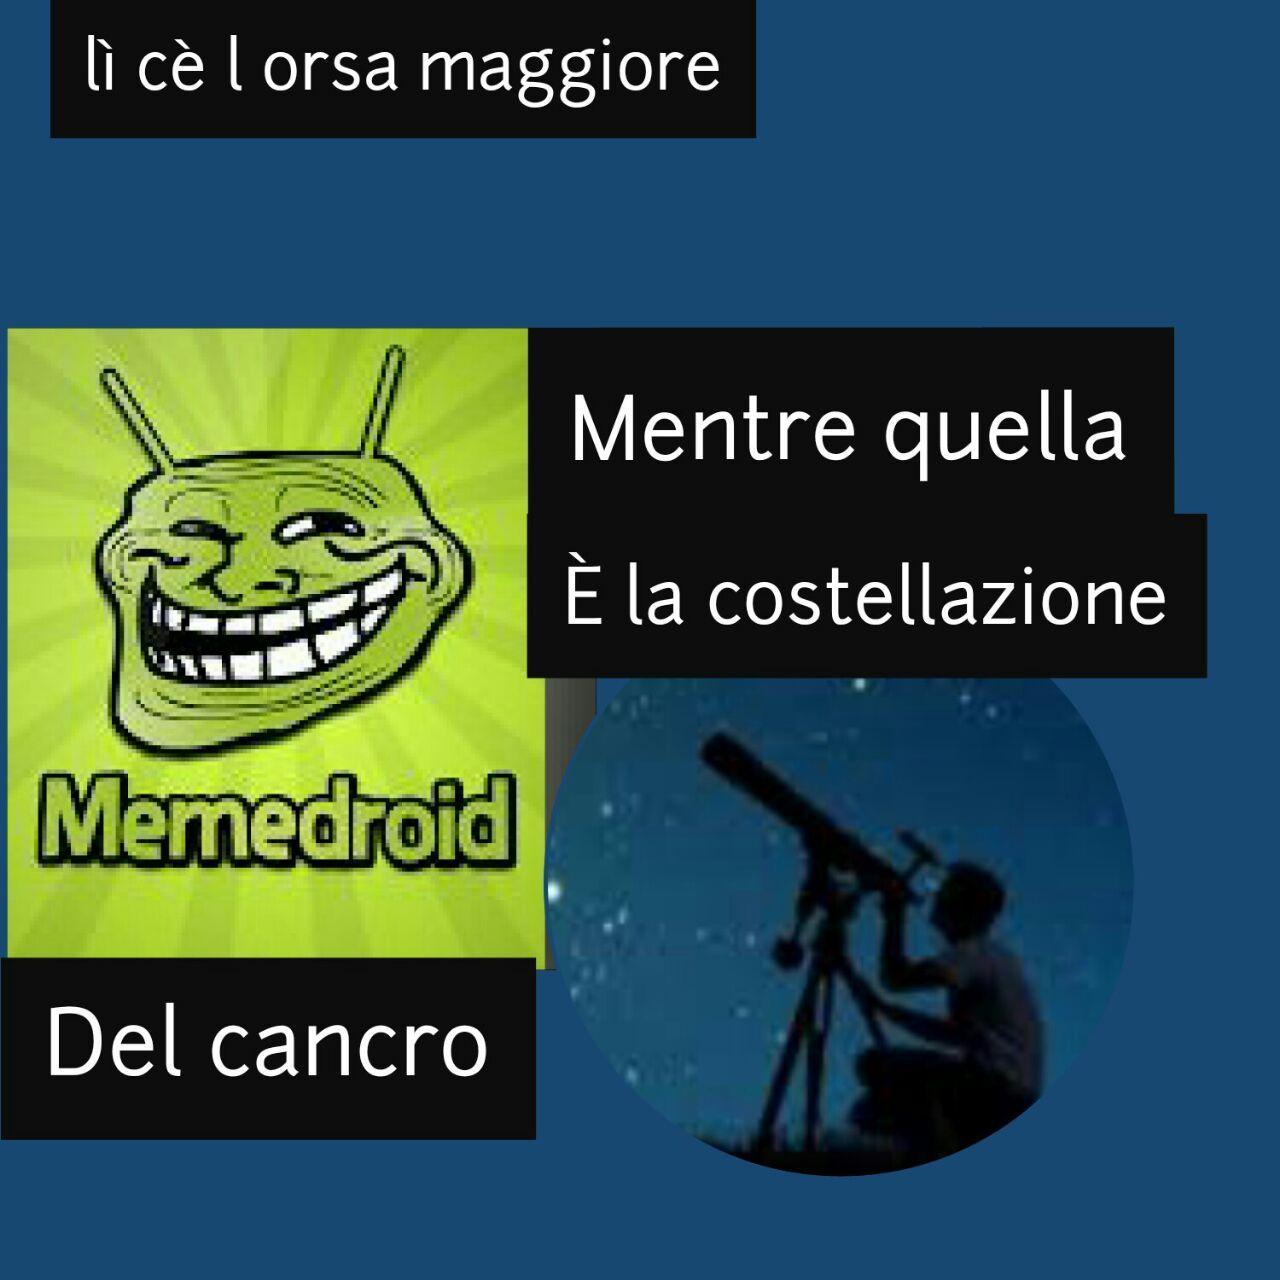 CITO I CANCRI CANCRAMENTE CANCROSI - meme